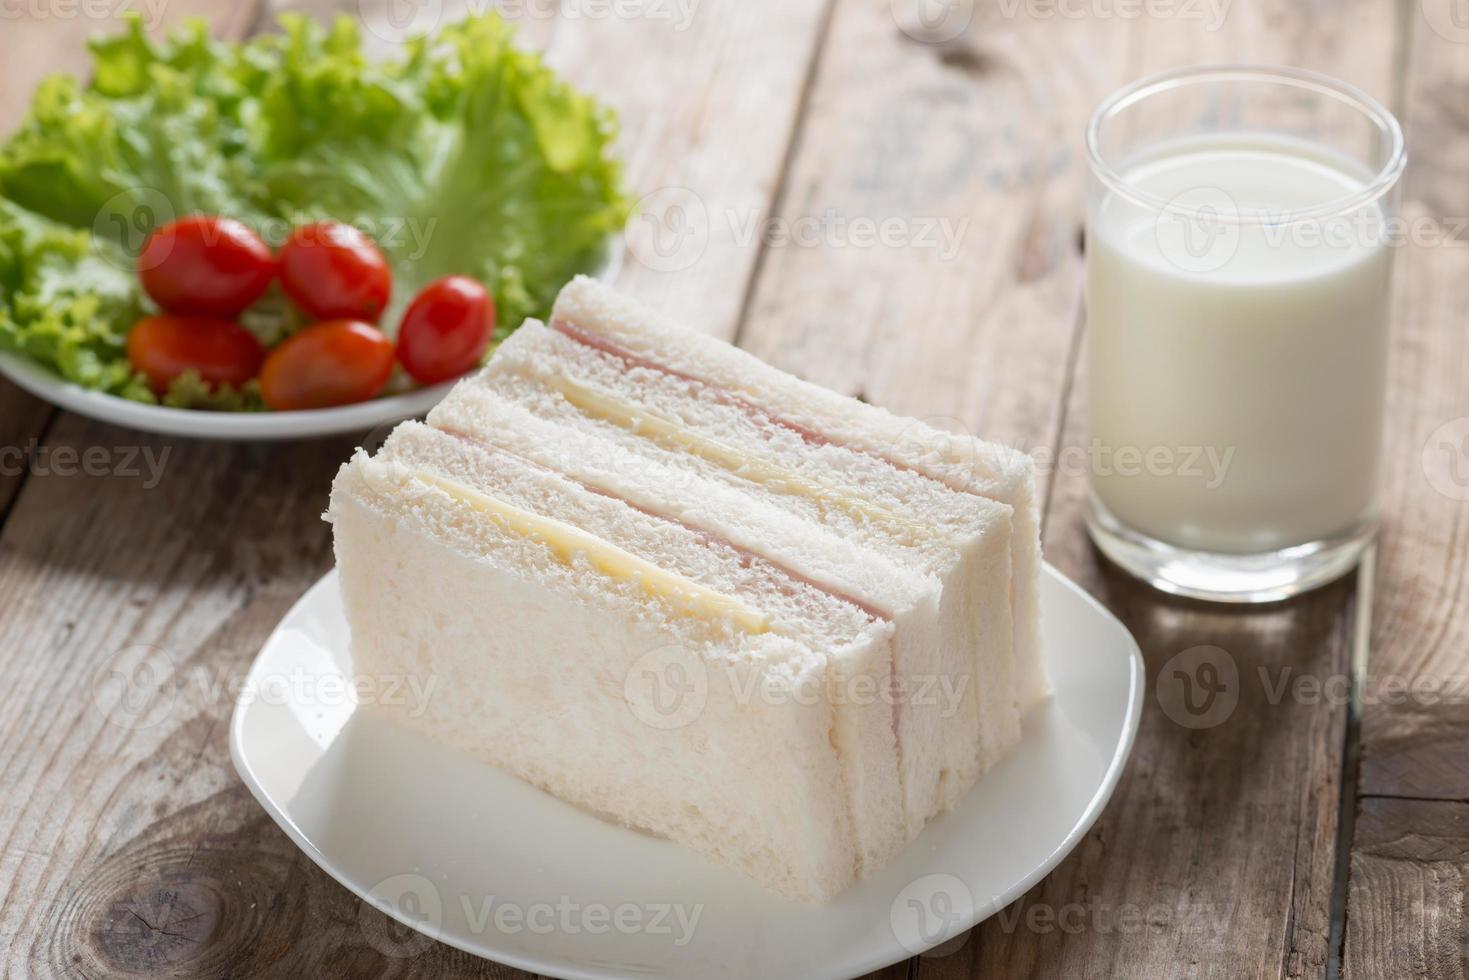 smörgås, skinka med ost och mjölk på träbord. foto